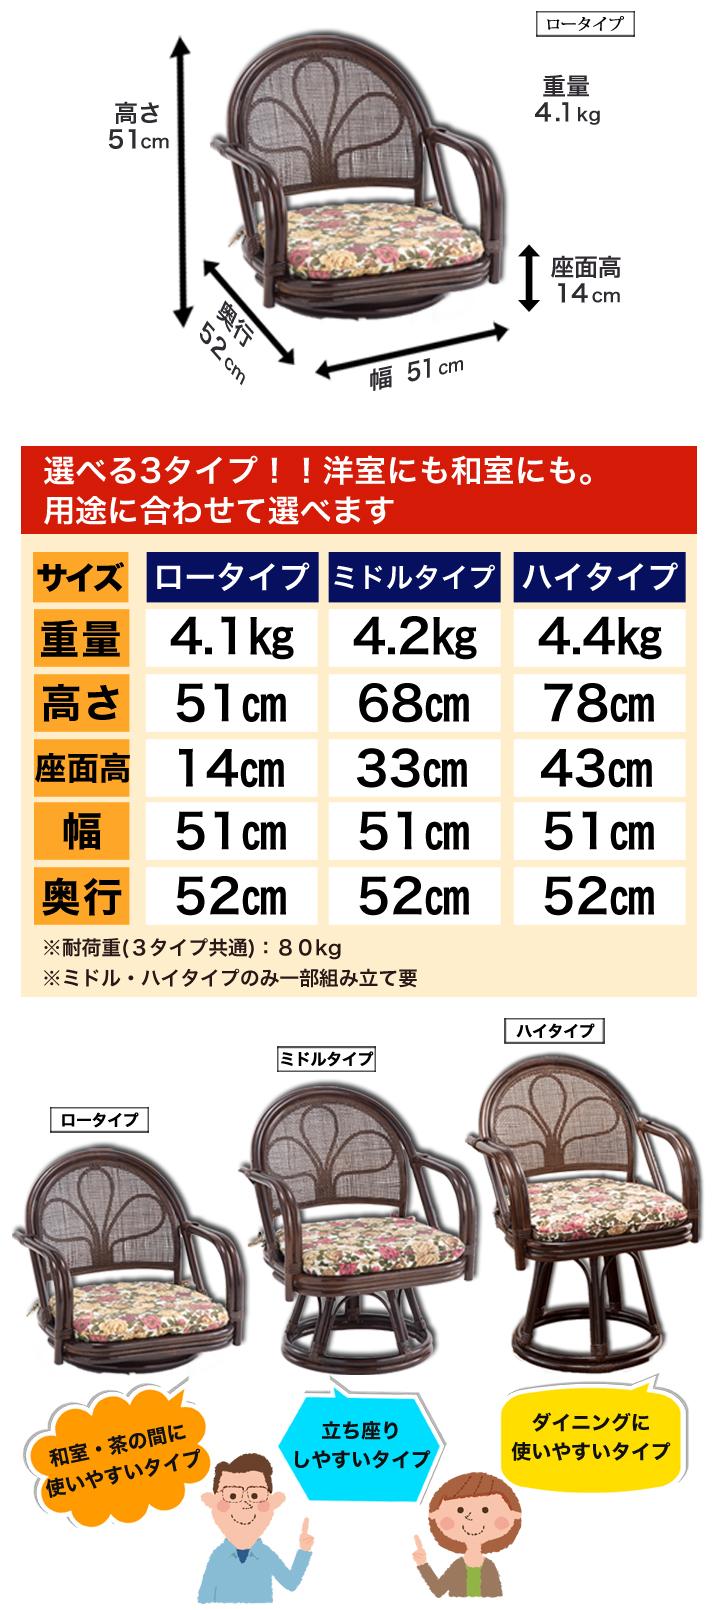 サイズと重量の説明画像